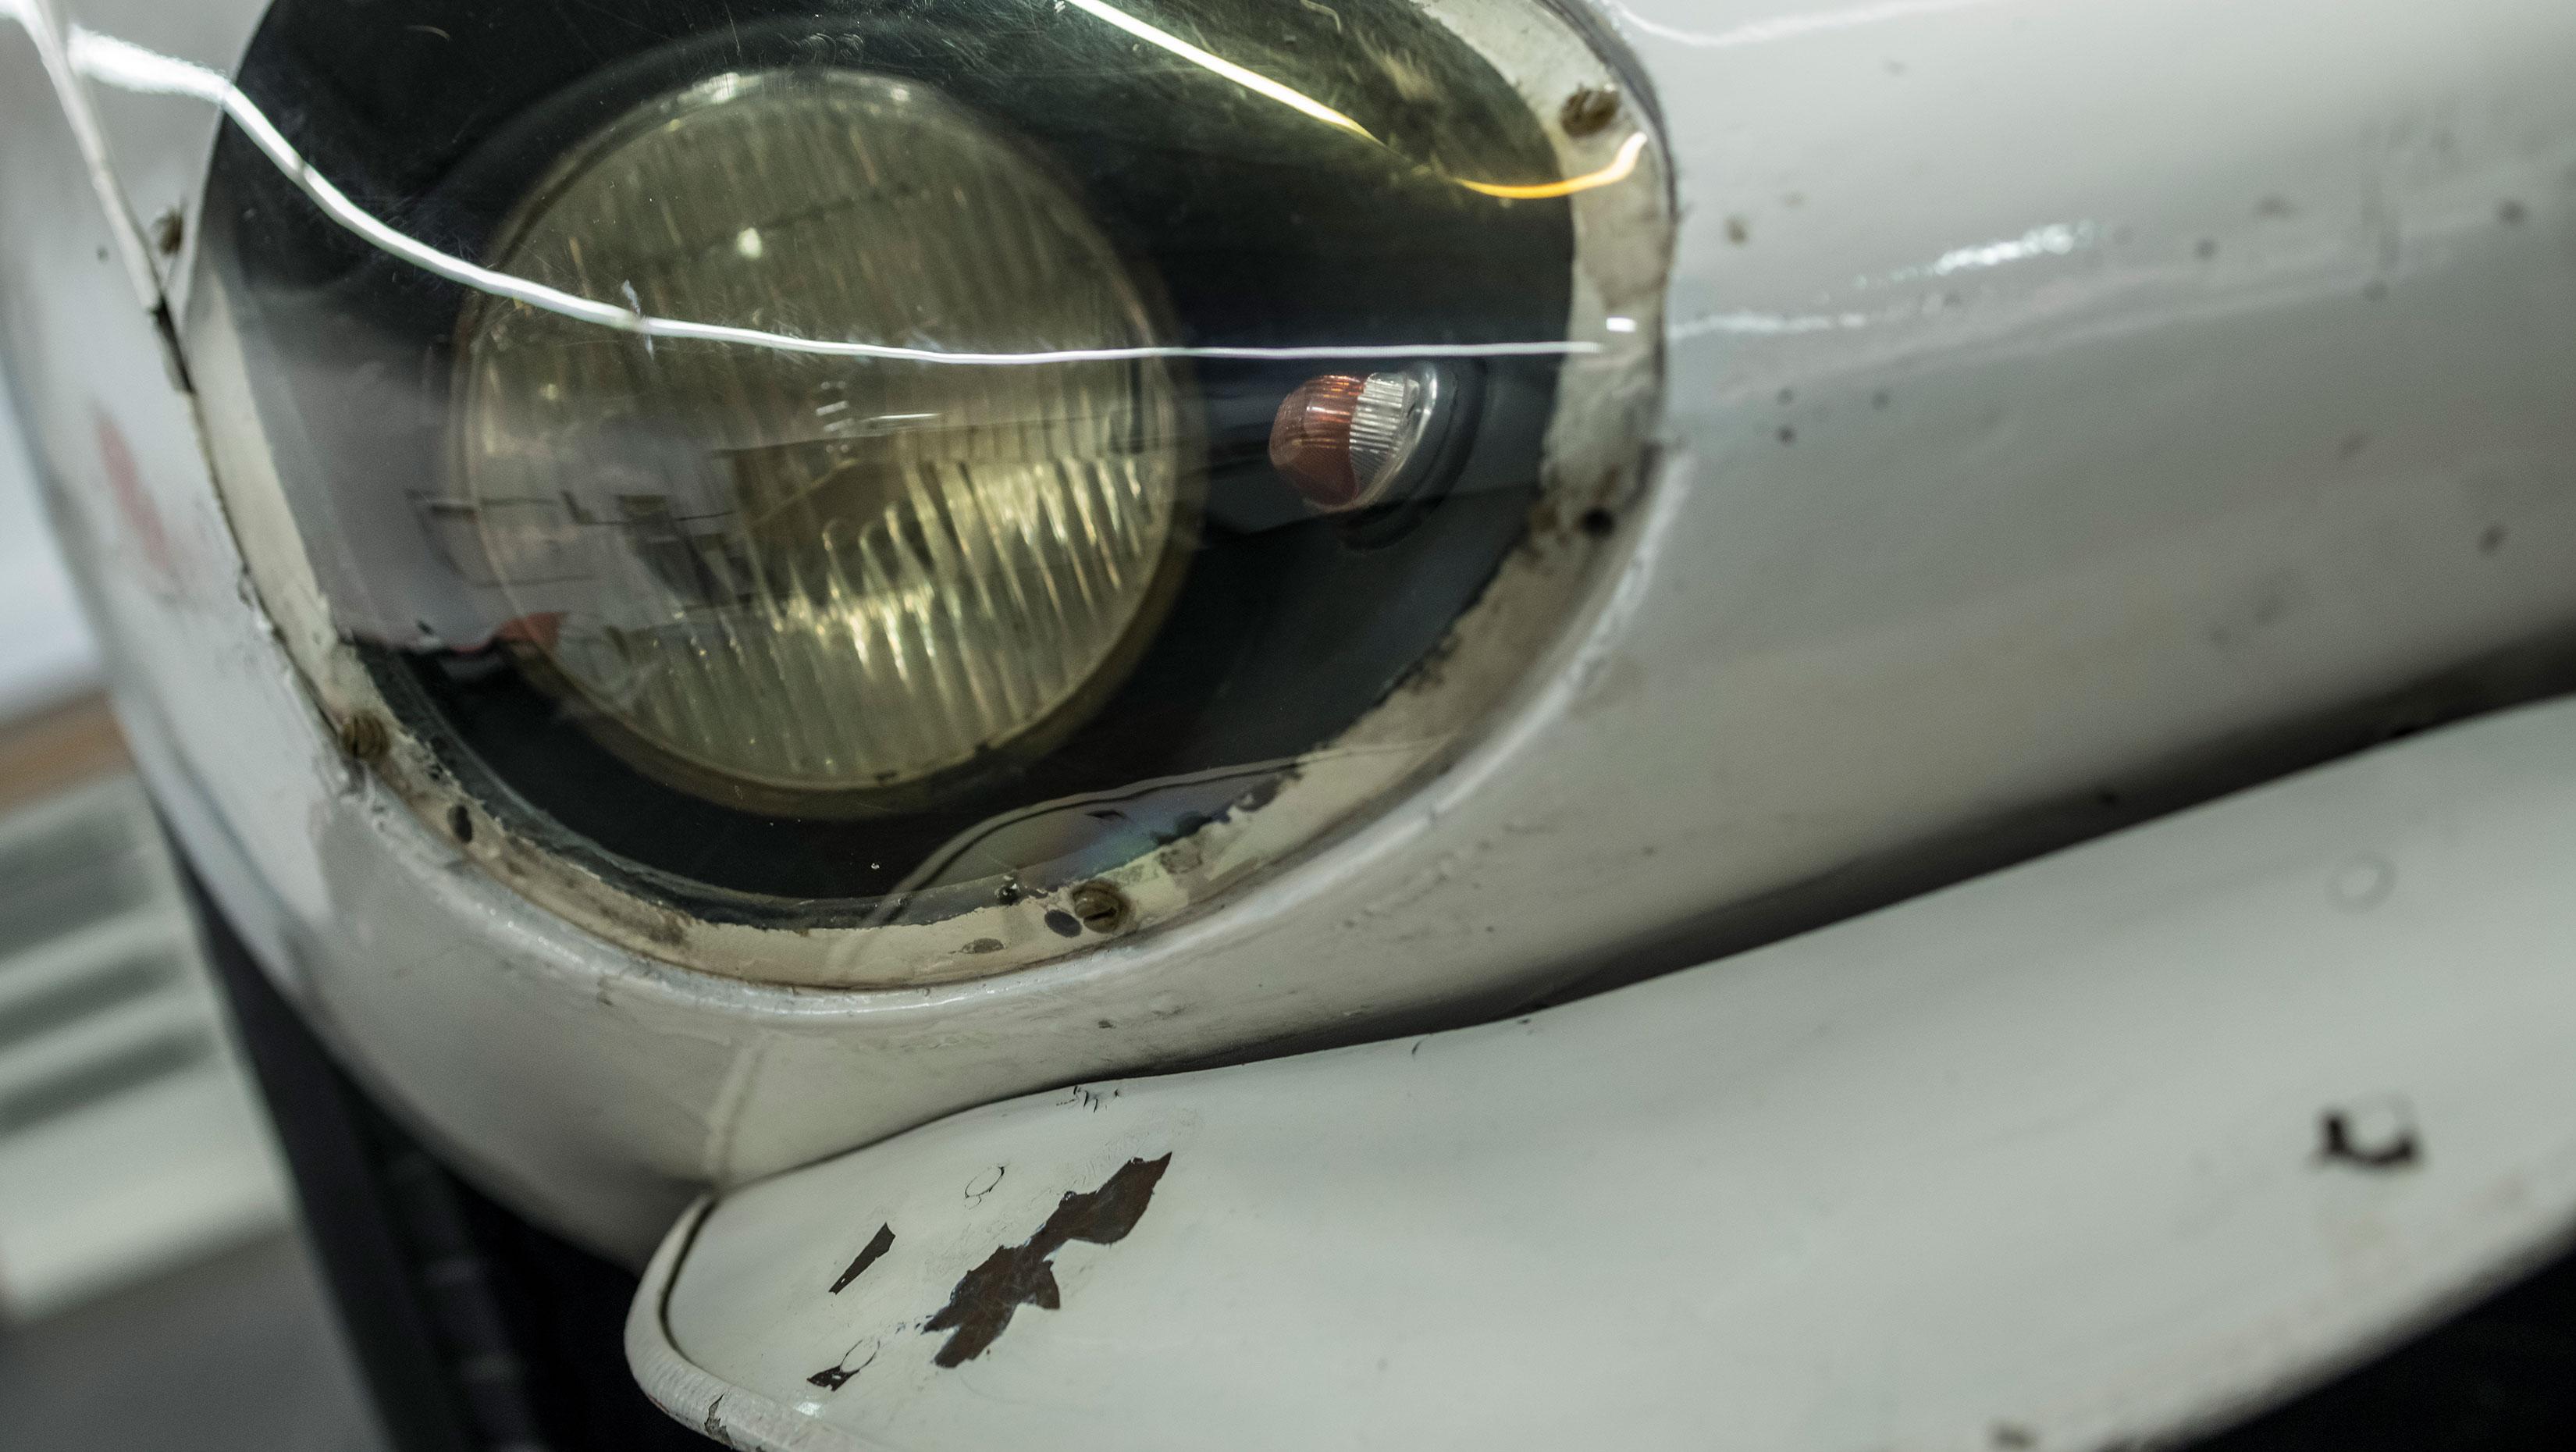 Porsche 910/8 Bergspyder headlight detail